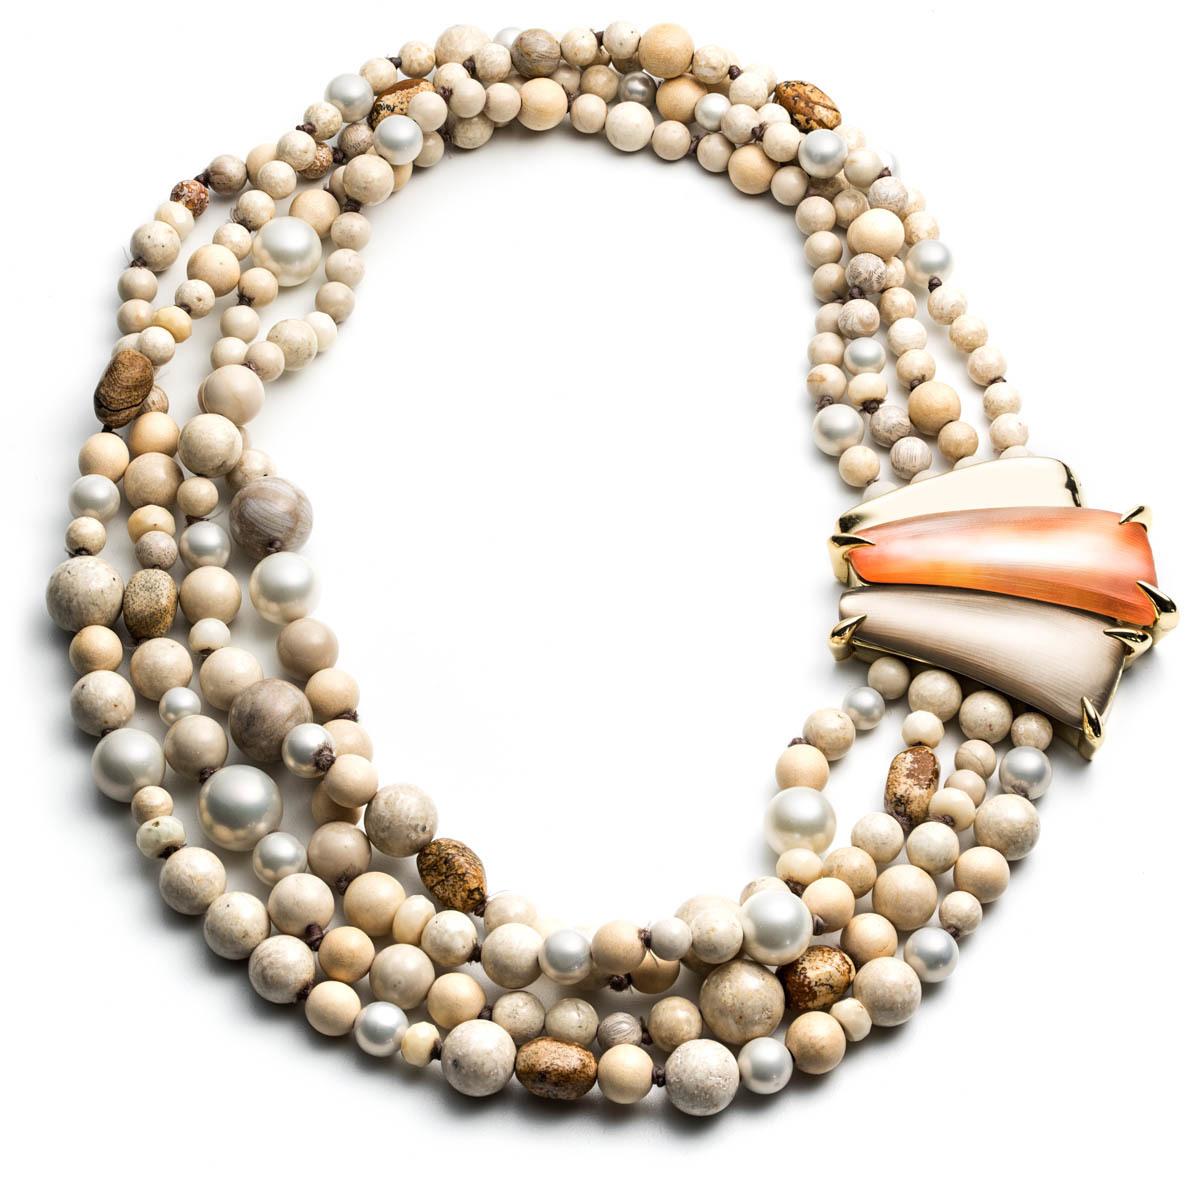 Torsade Necklace: Alexis Bittar Desert Jasmine Torsade Necklace In Orange